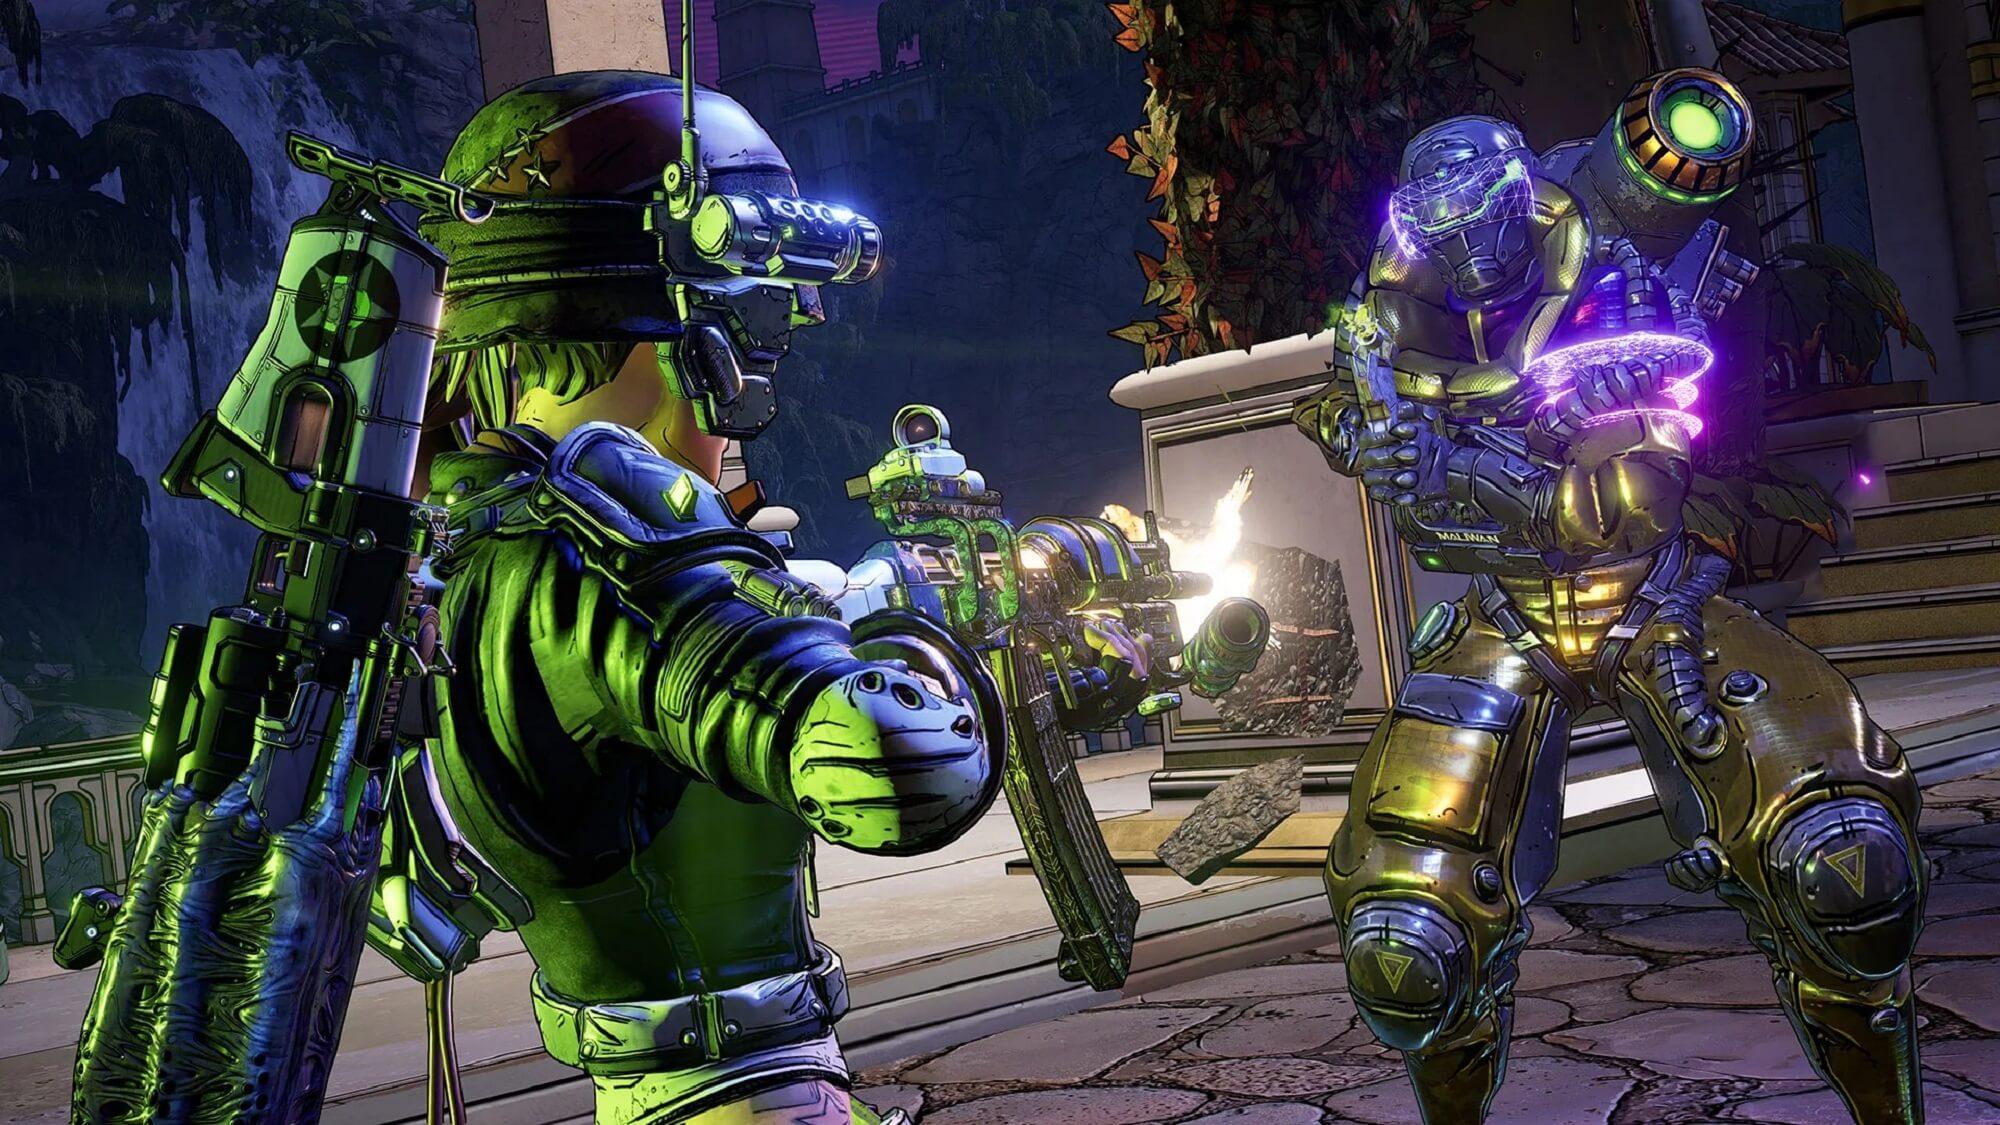 Figur steht mit Waffe im Vordergrund, im Hintergrund stehen weitere Figuren.